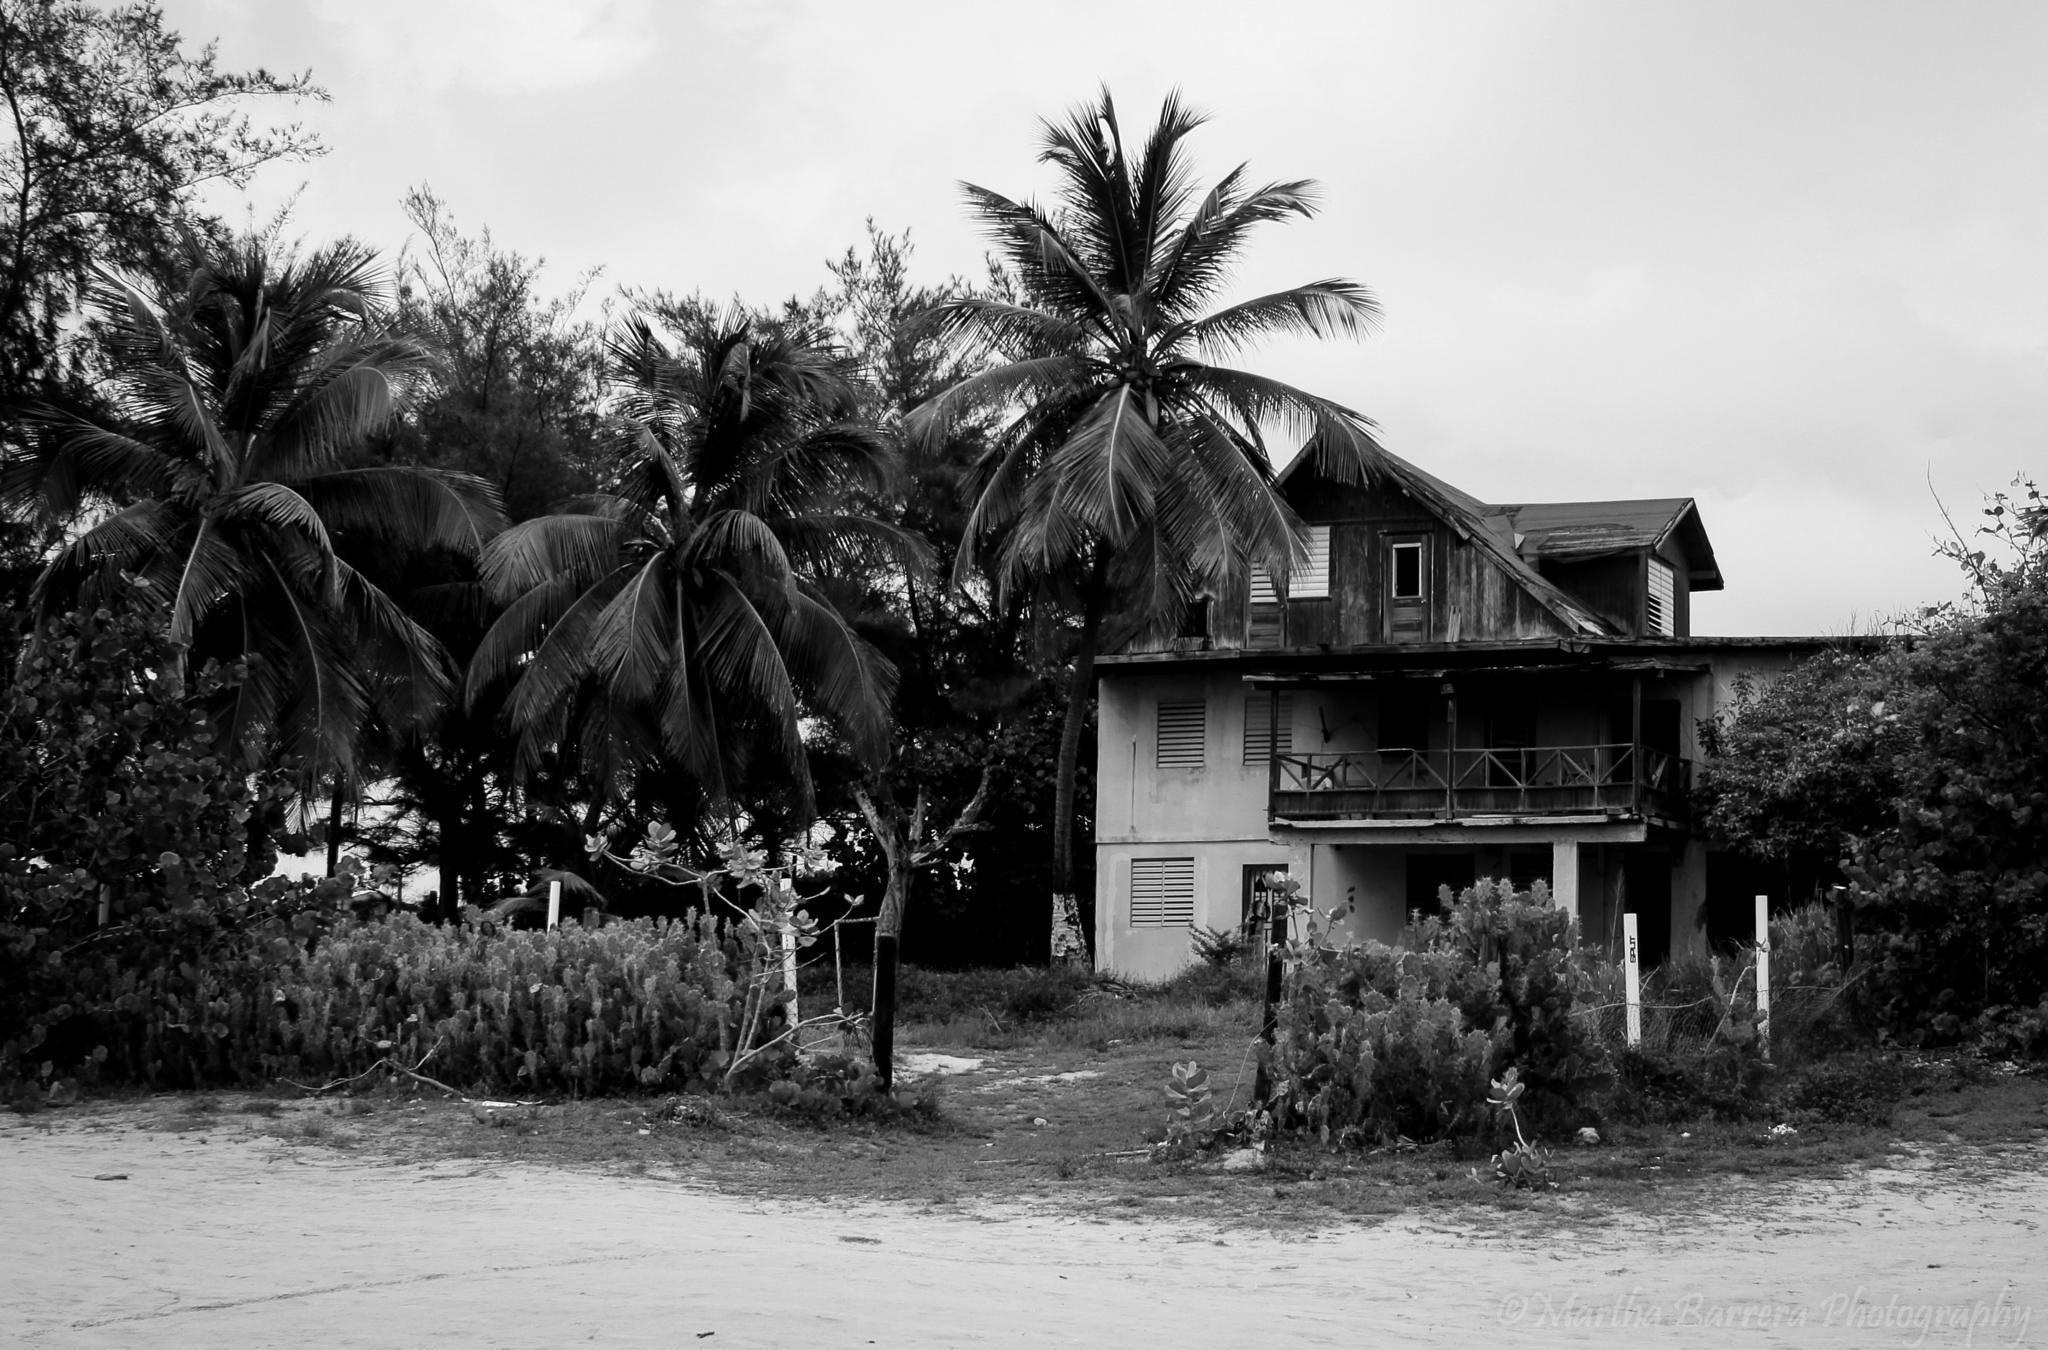 Abandoned Beach Home in Puerto Rico by Martha Jezi Barrera